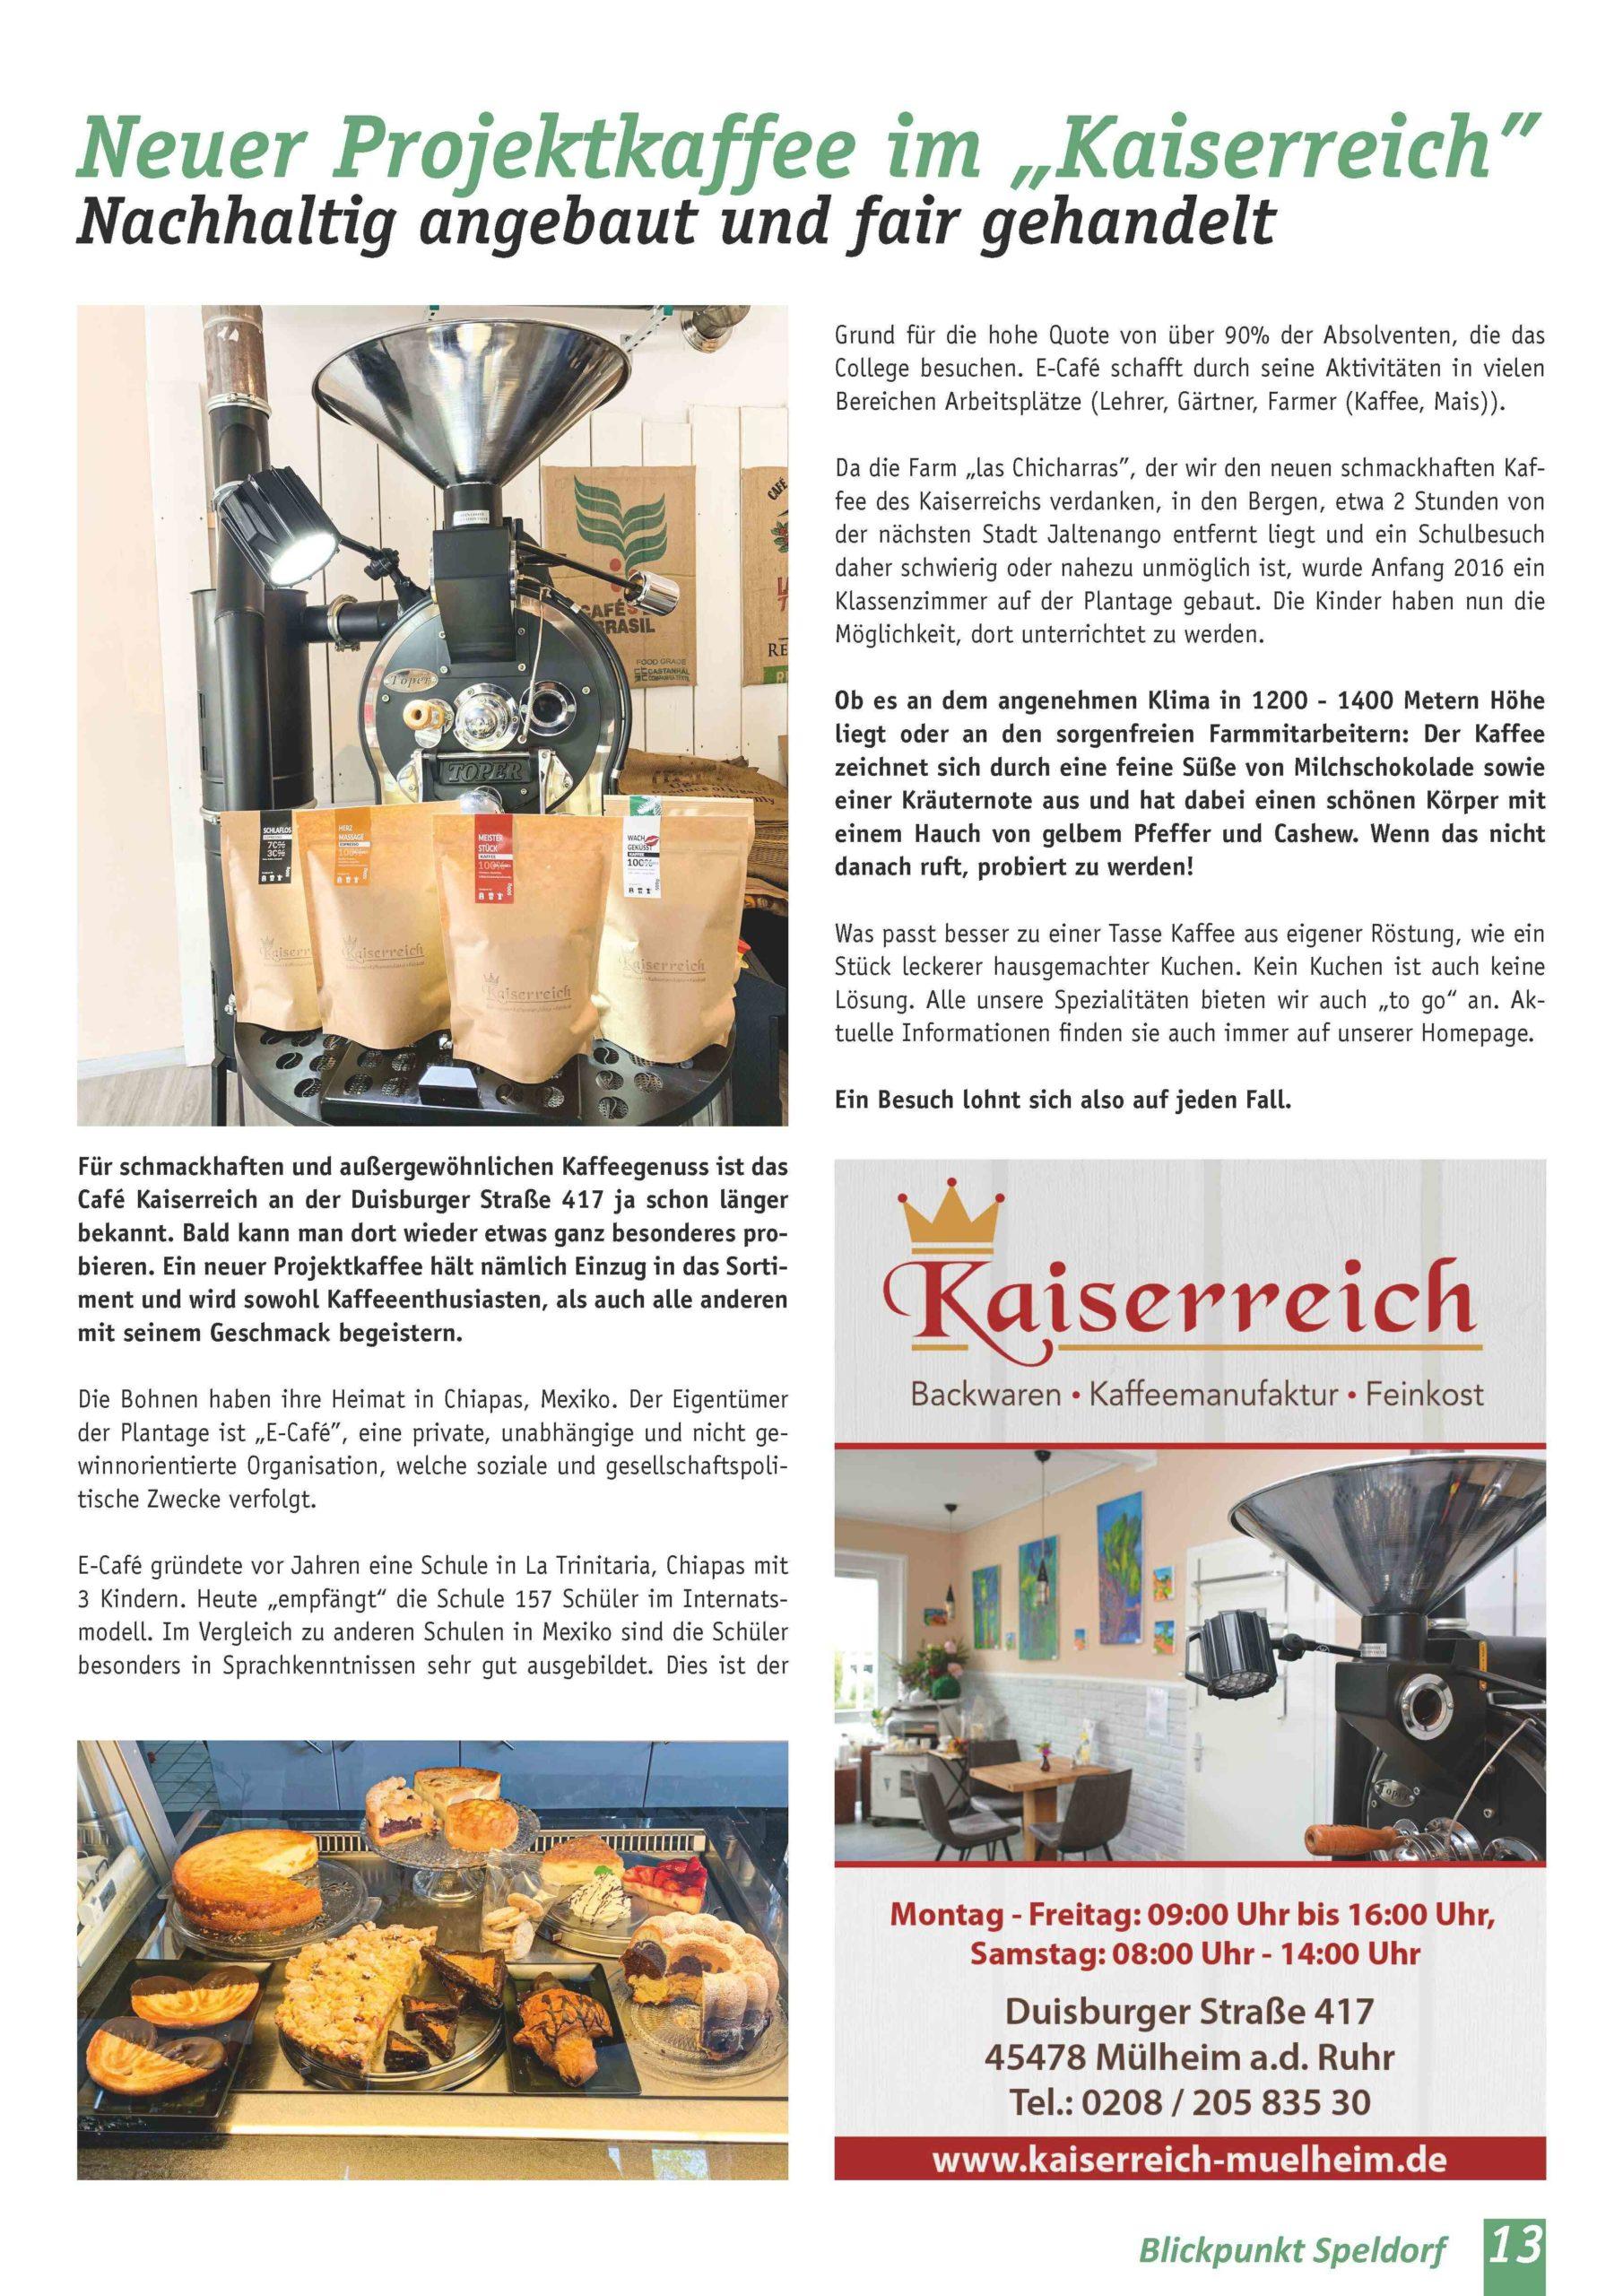 Blickpunkt Speldorf   Beitrag Projektkaffee im Kaiserreich